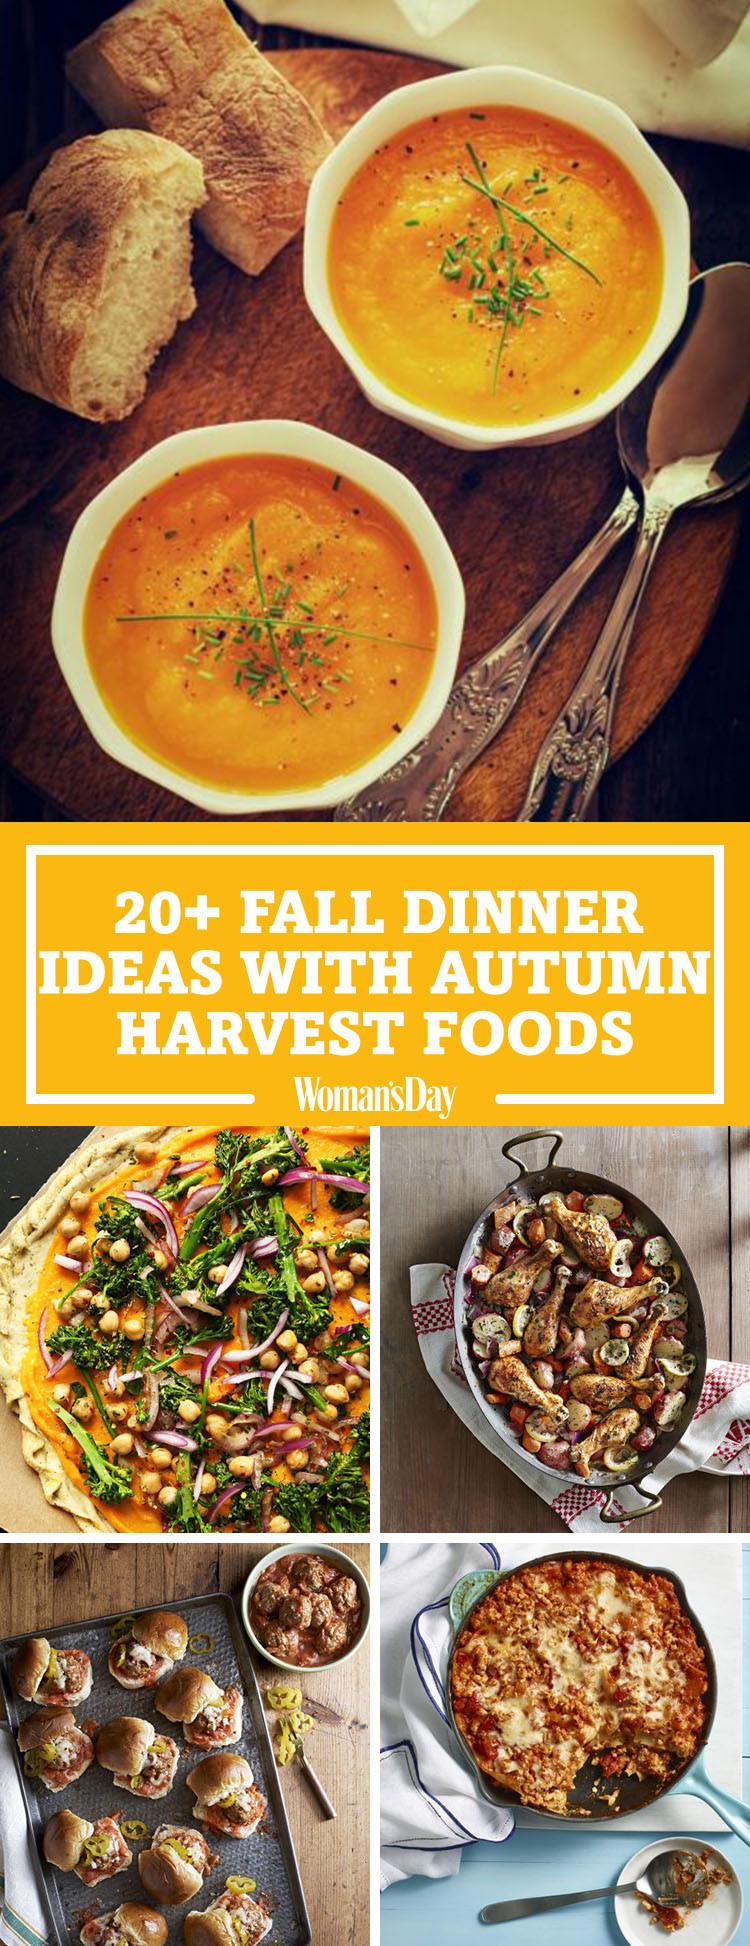 Fall Dinner Recipes  26 Easy Fall Dinner Ideas Best Dinner Recipes for Autumn